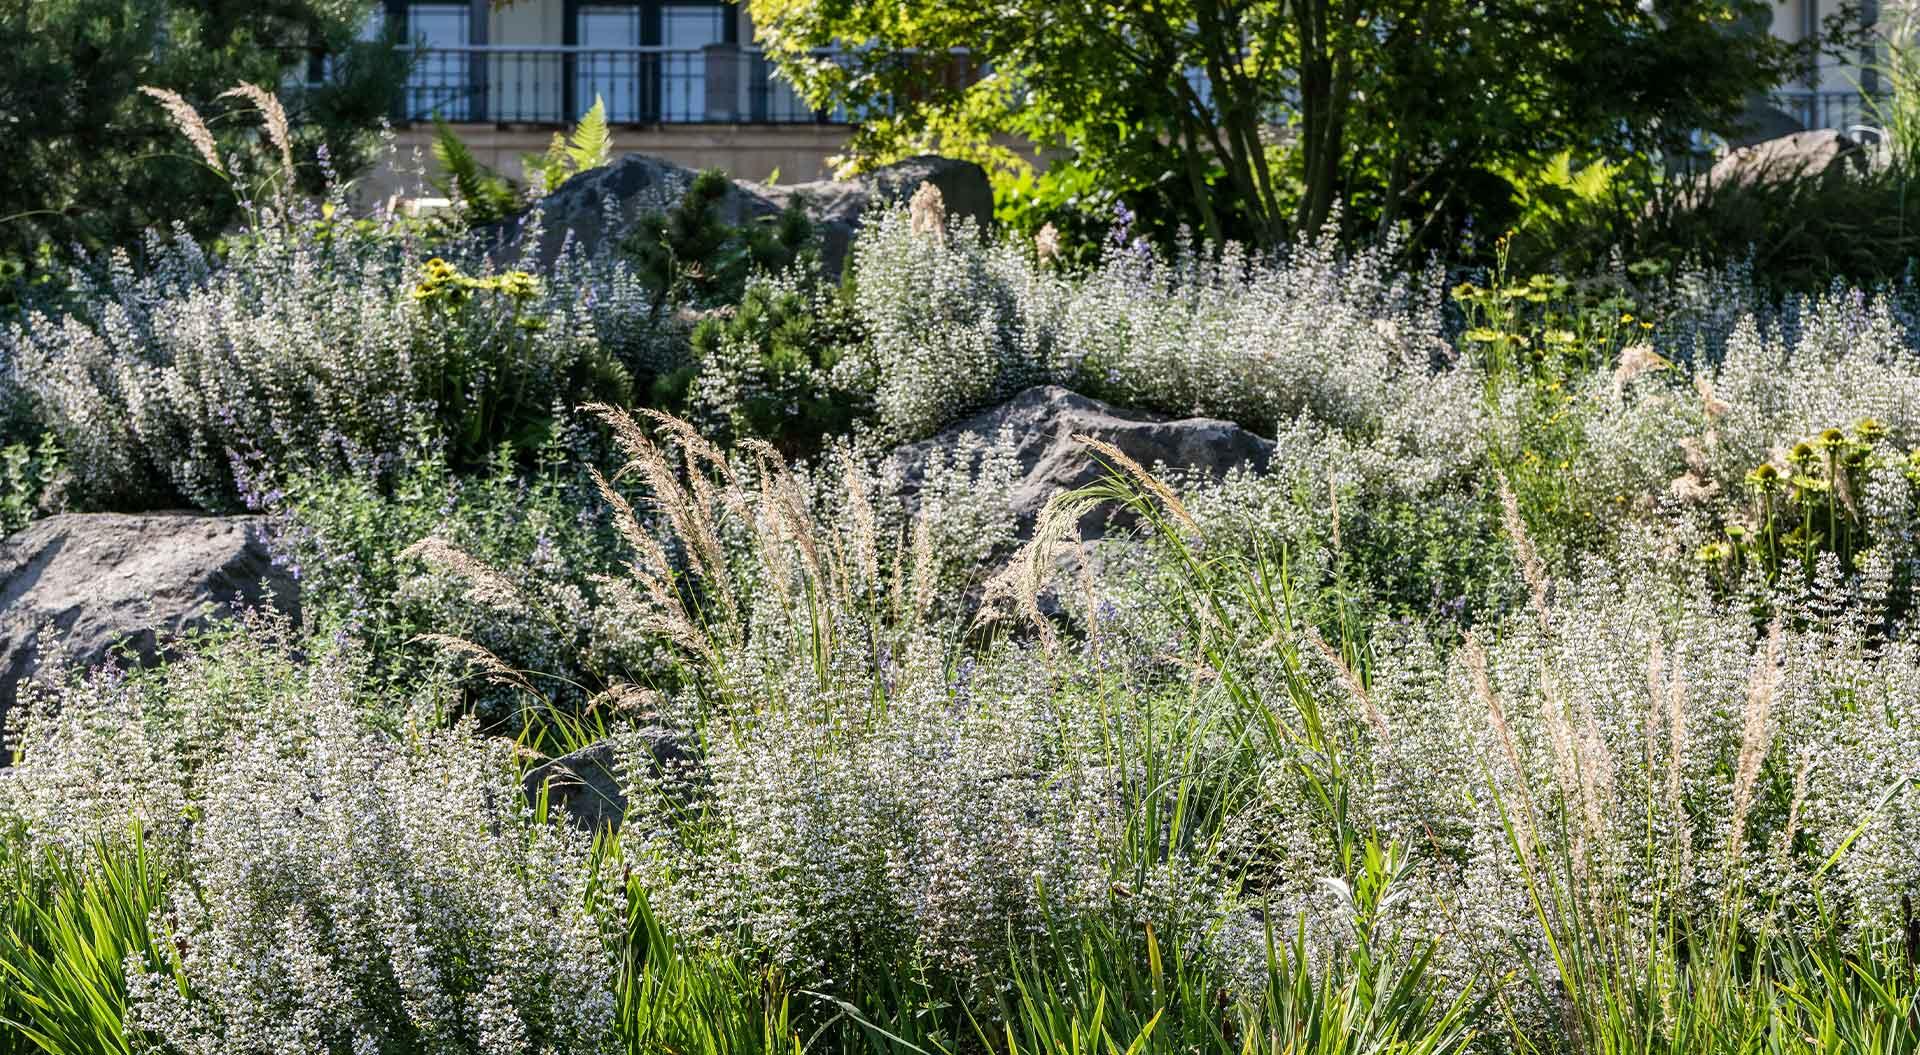 Sträucher, Blumen und Steine im Garten des Arp-Museums